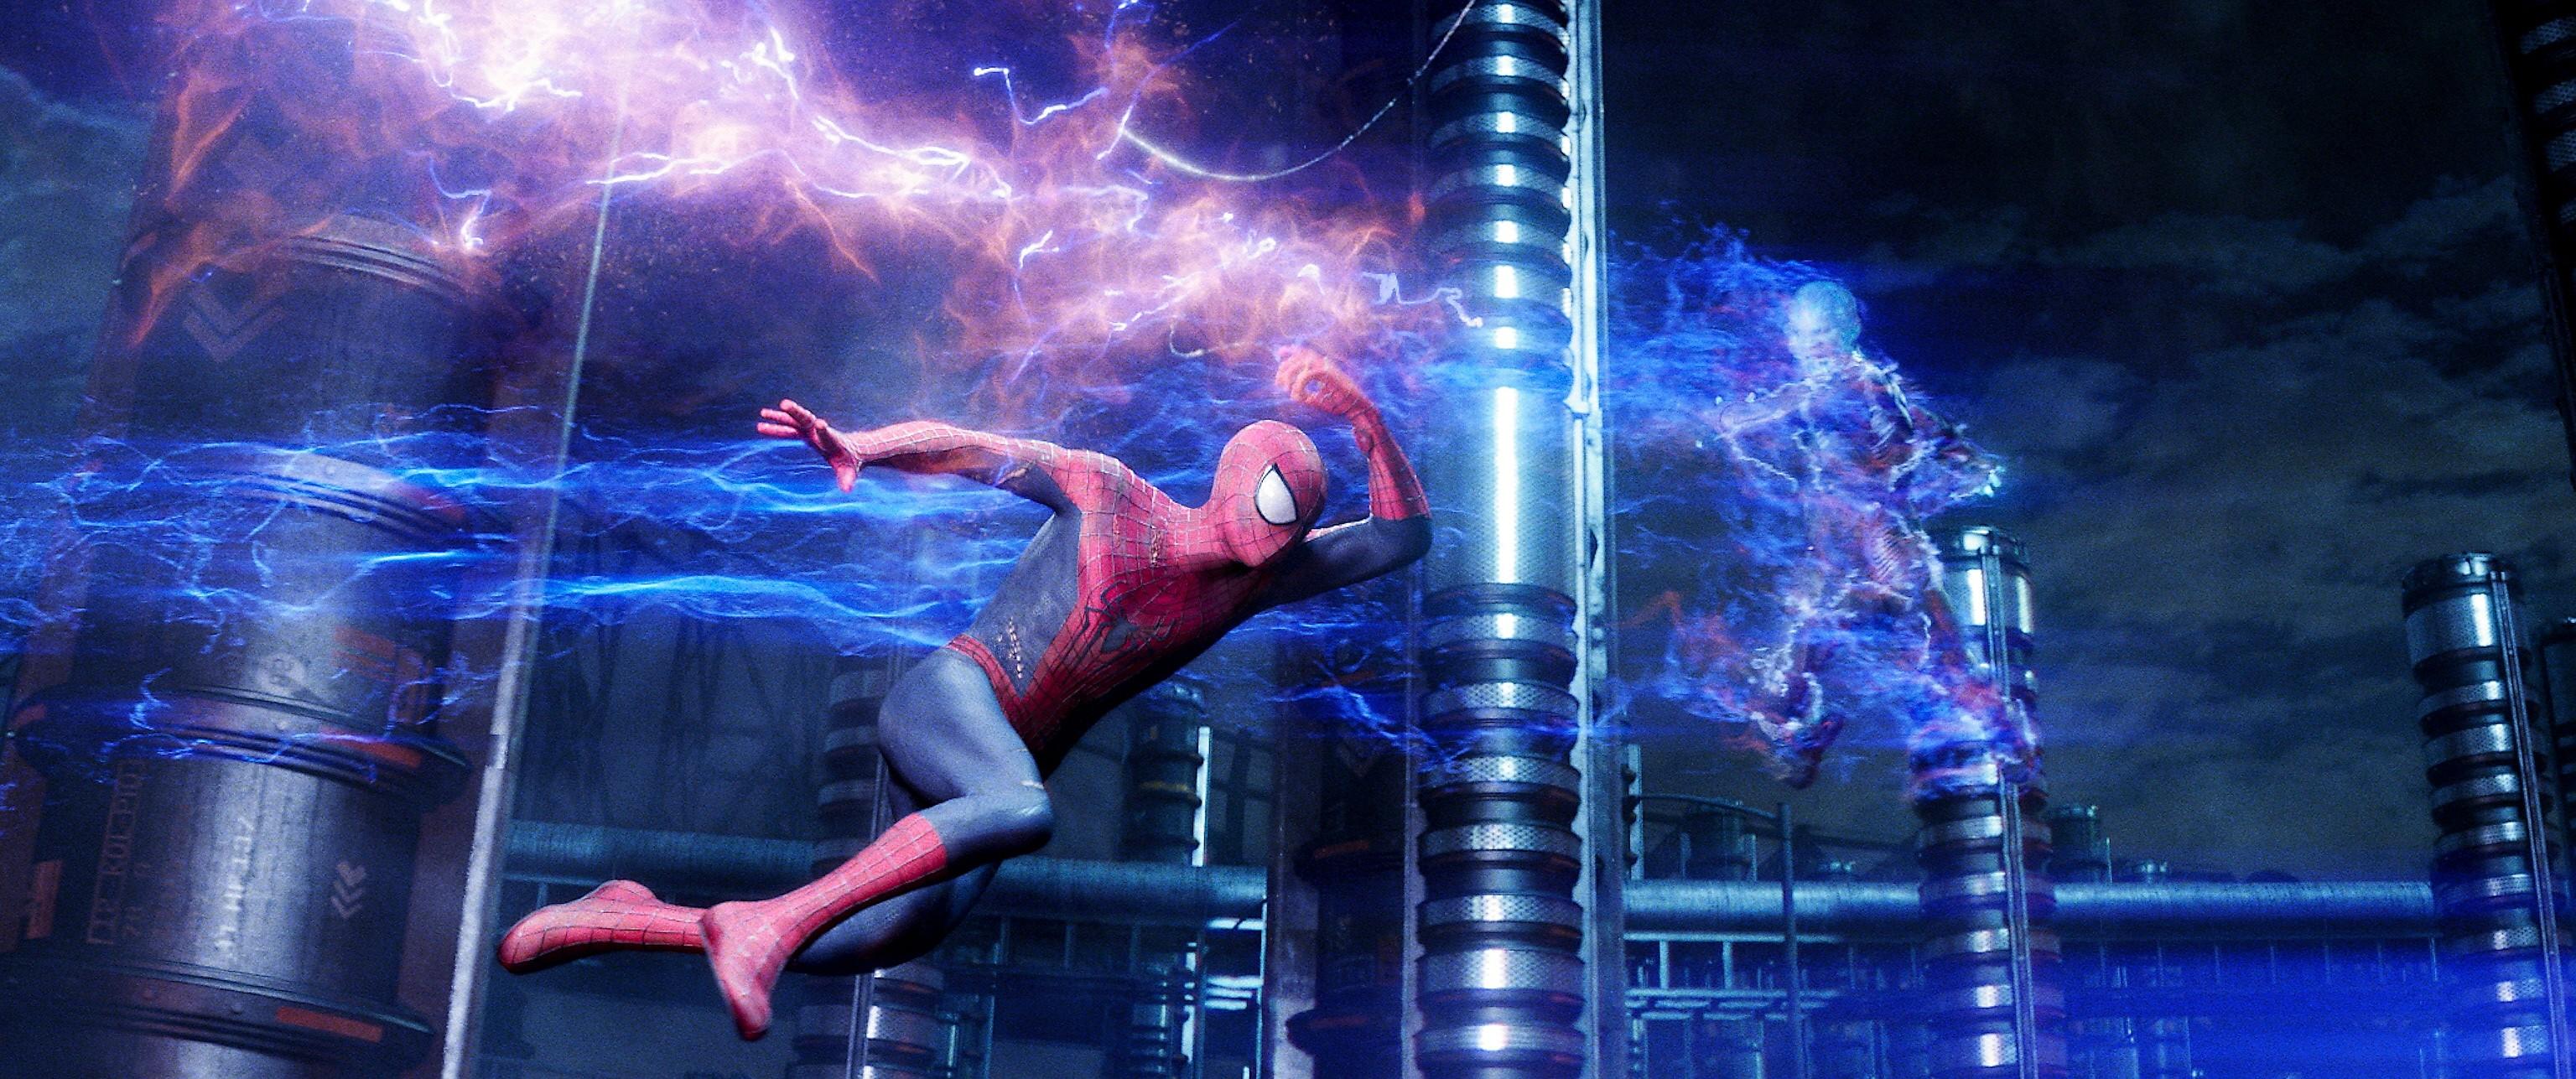 Посмотреть новый человек паук высокое напряжение 8 фотография